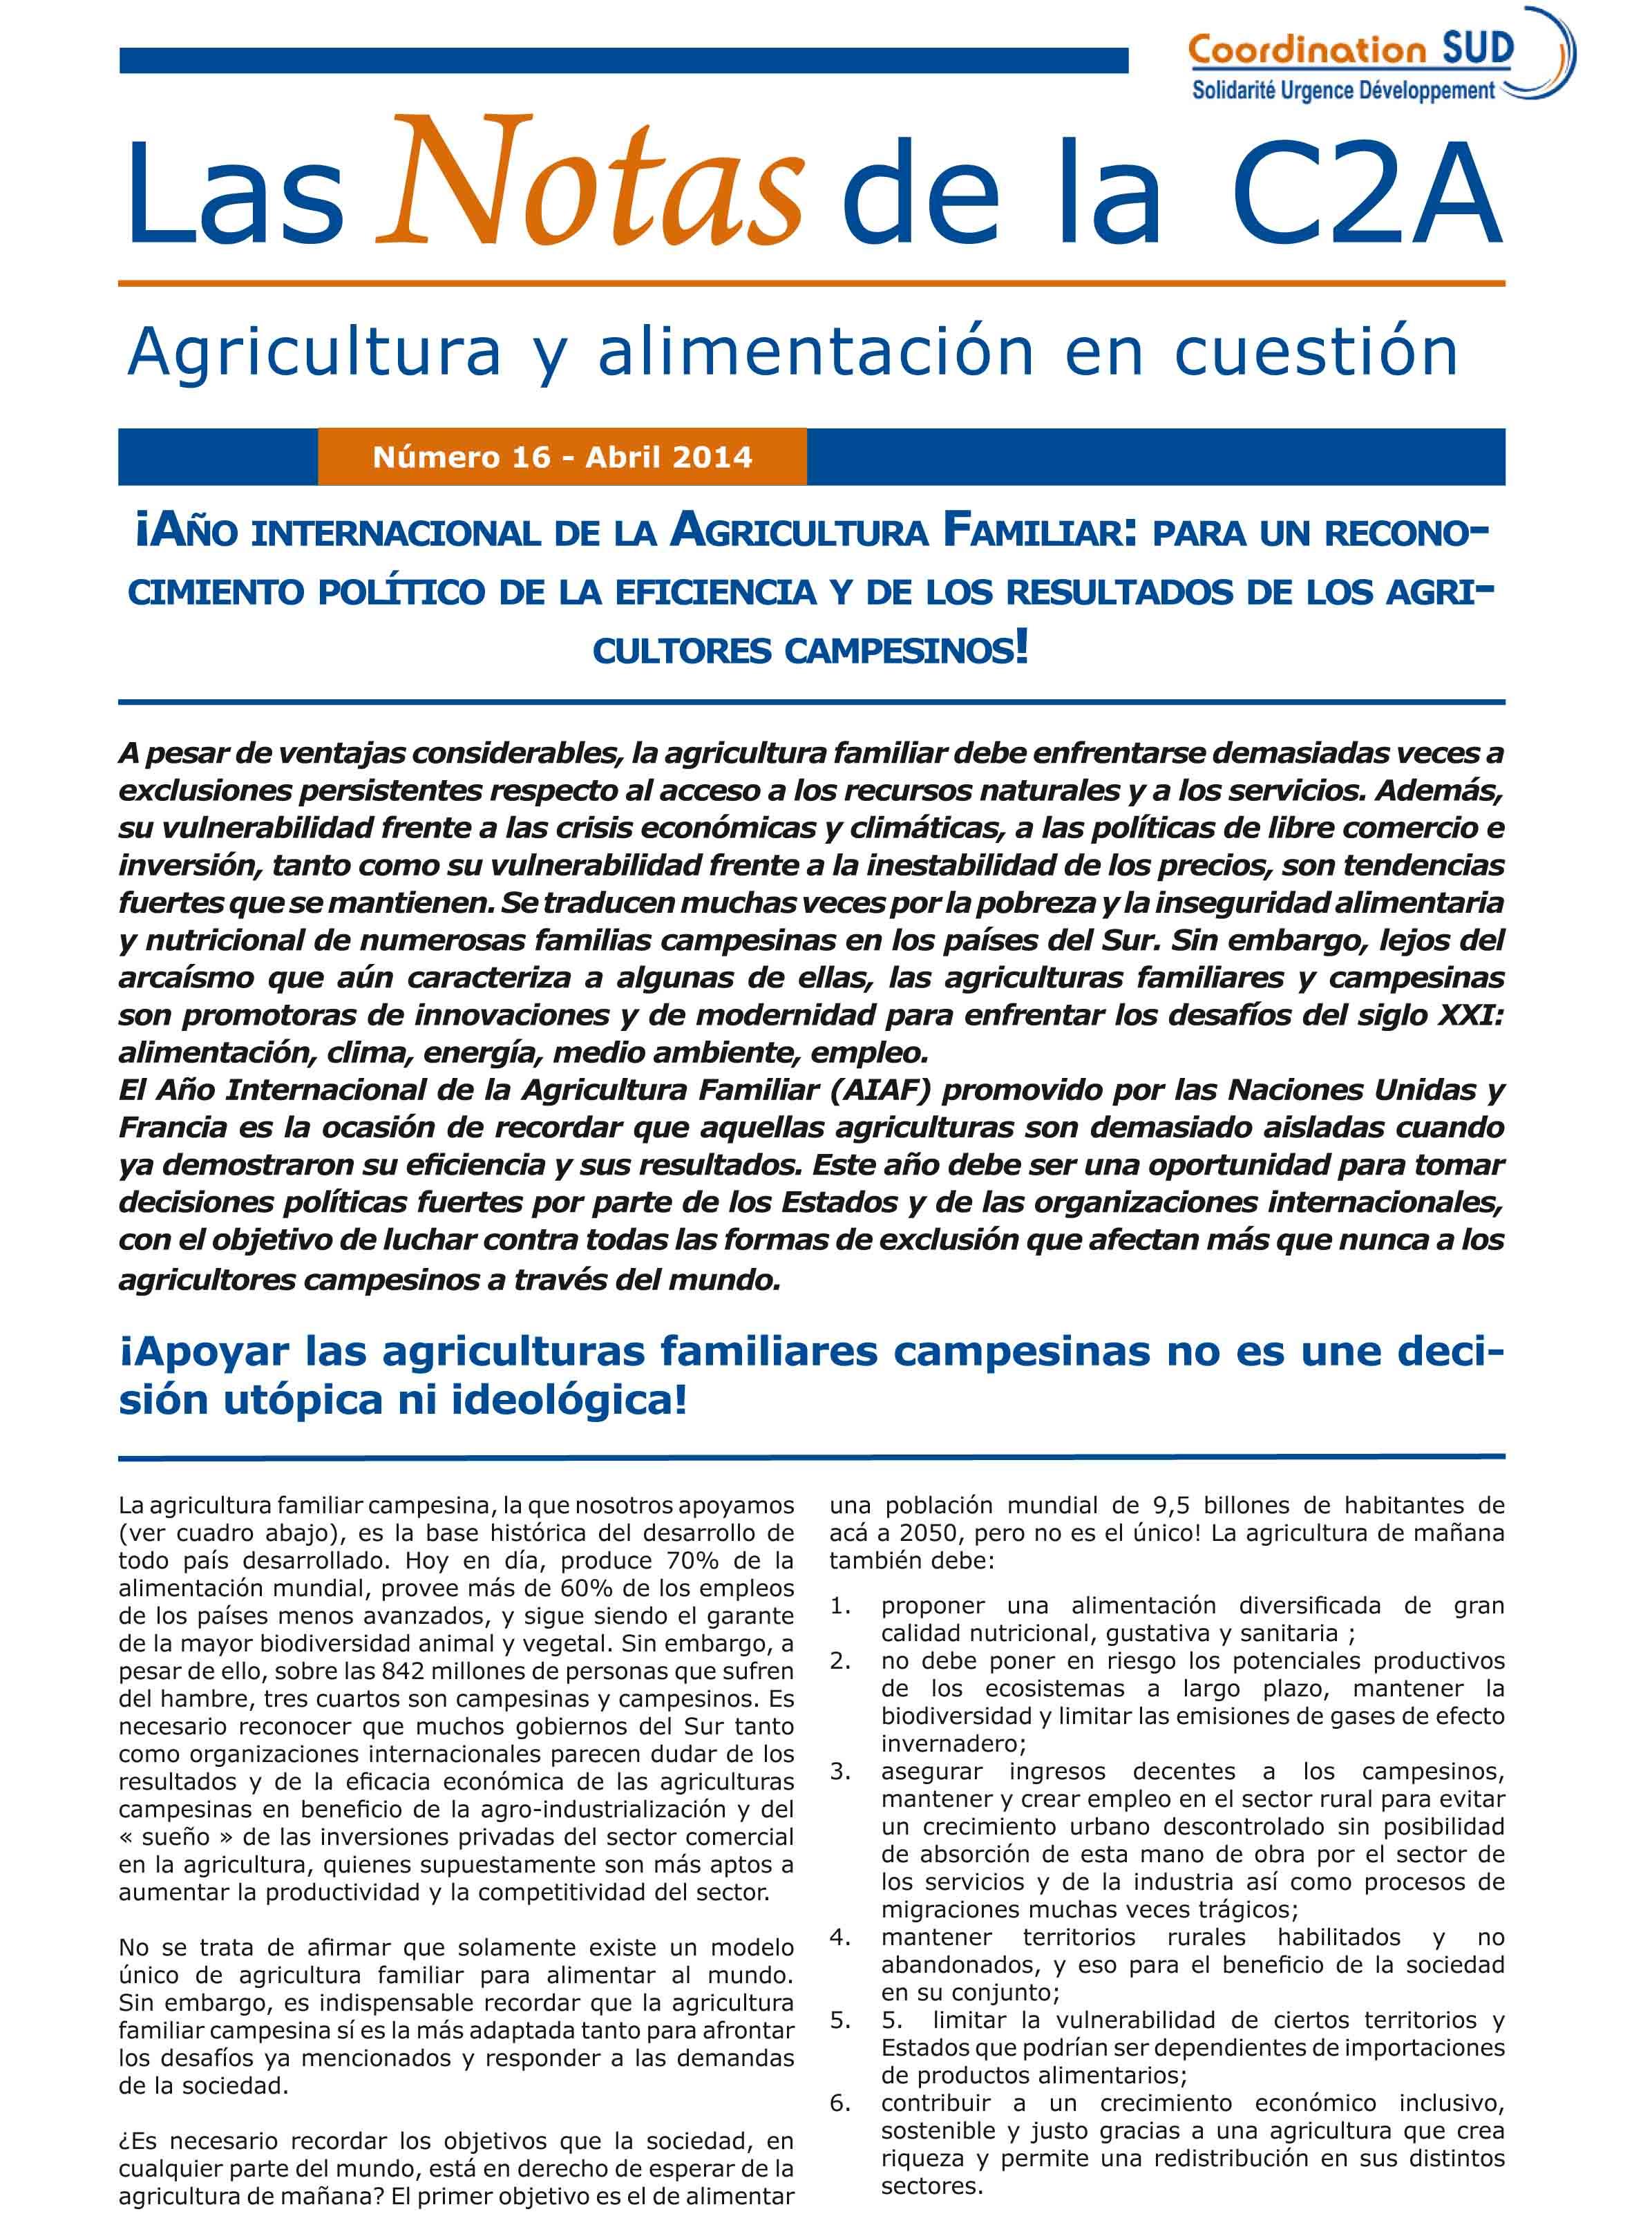 ¡Año internacional de la Agricultura Familiar: para un reconocimiento político de la eficiencia y de los resultados de los agricultores campesinos! Image principale